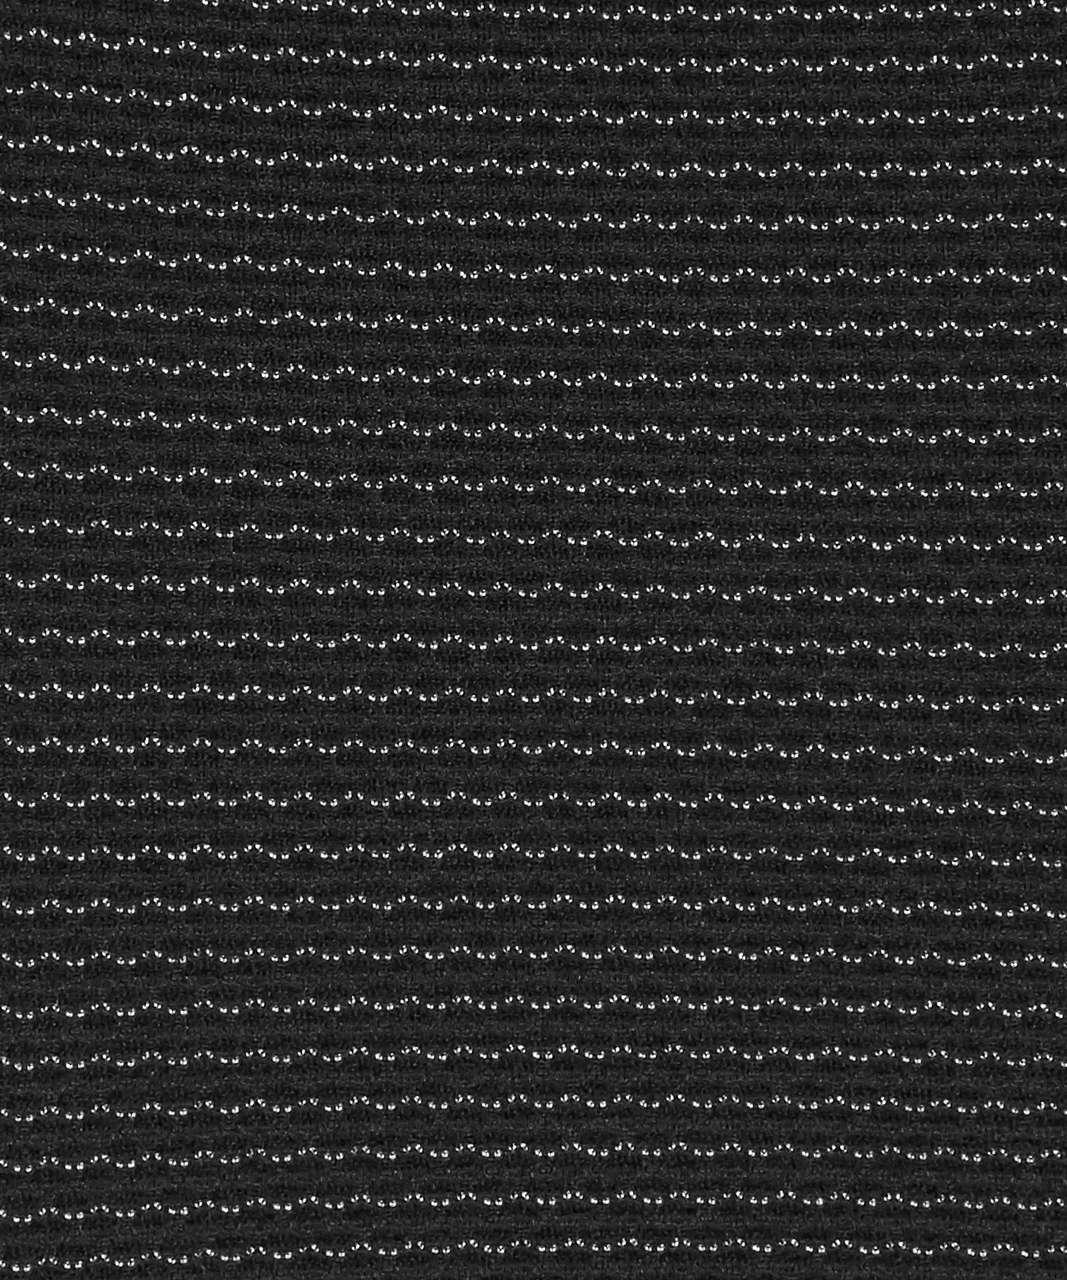 Lululemon Essential Tank - Black